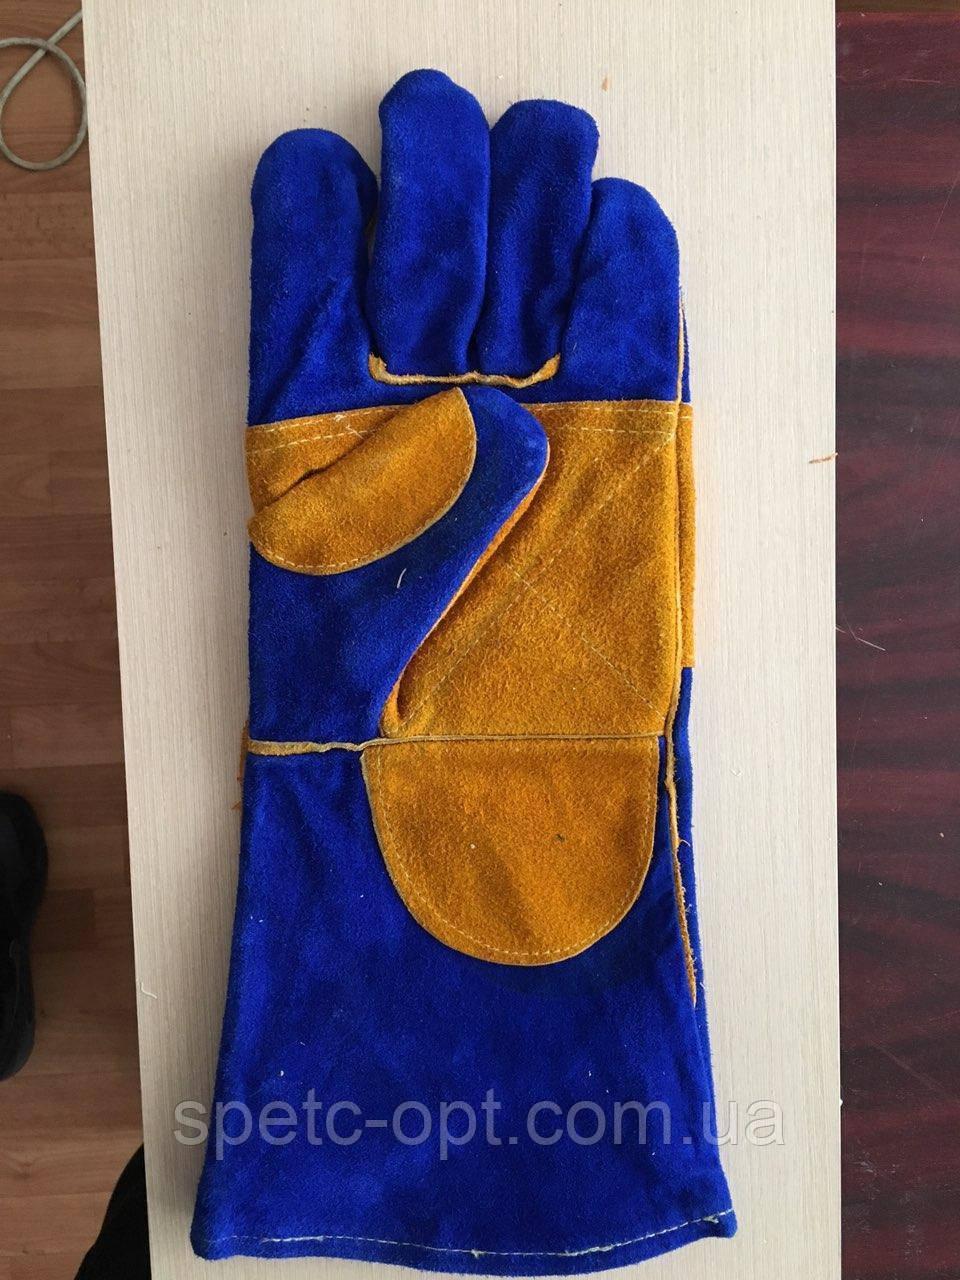 Краги сварочные спилковые МІК с кевларовой нитью, Перчатки крагами сварочные усиленные.